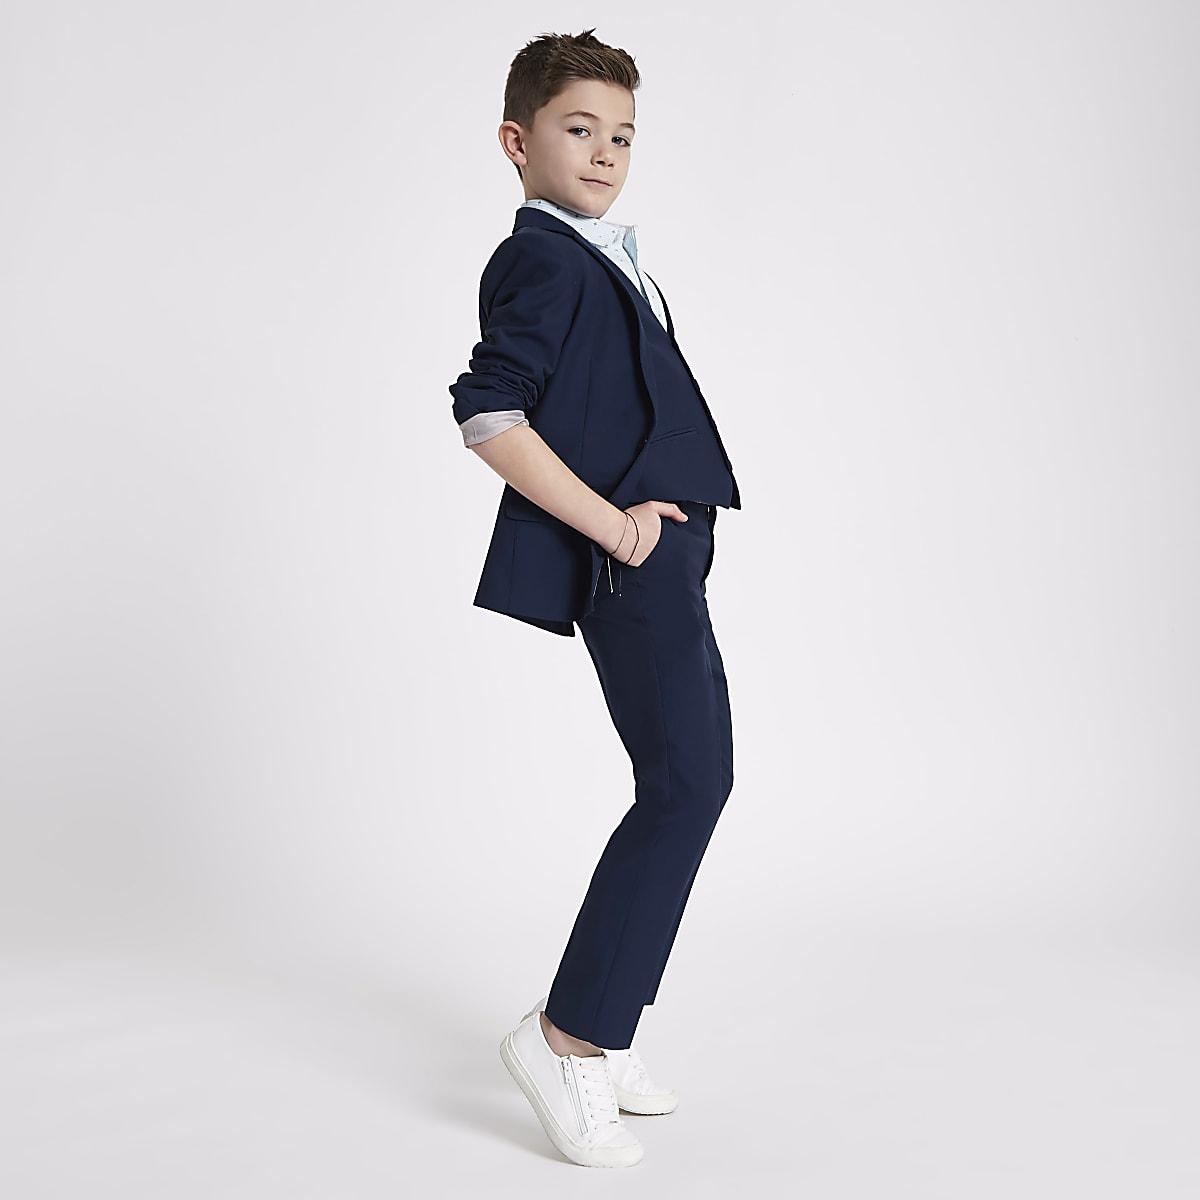 13216019e2e Boys navy suit trousers - Suit Trousers - Suits - boys